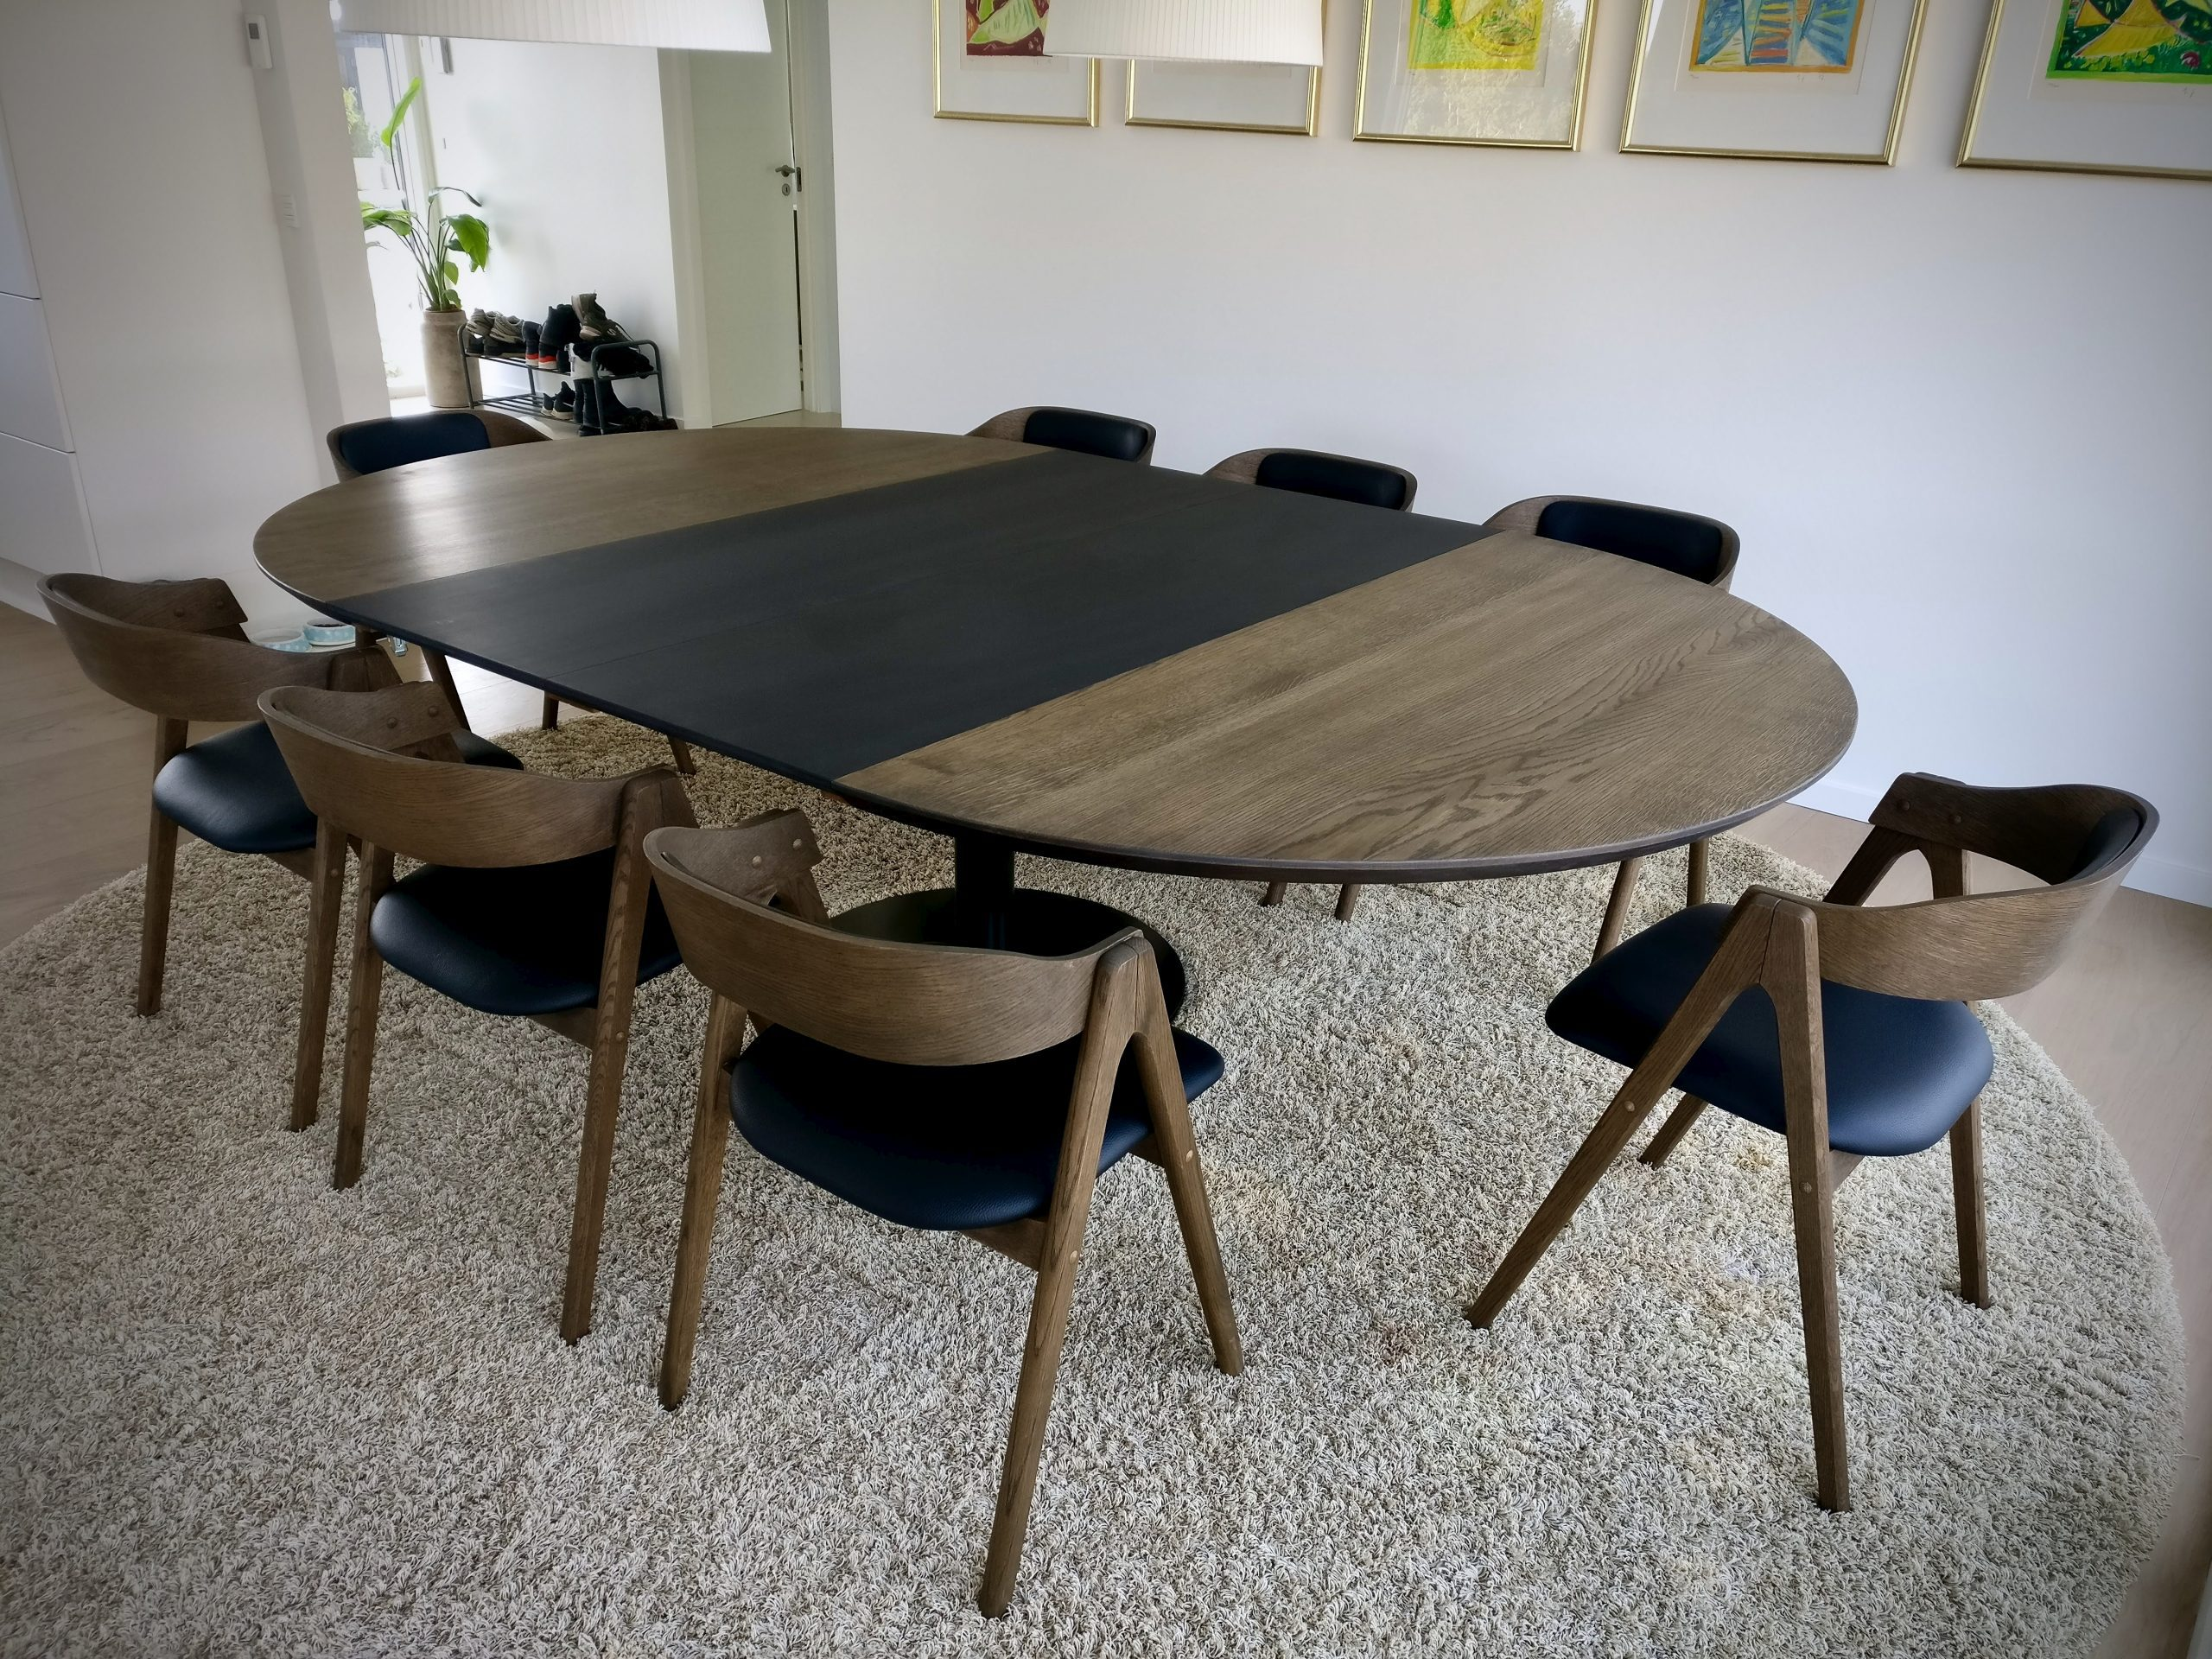 Rundt plankebord i egetrae kaerbygaard 2021 med udtryk og 2 tillaegsplader inkl mette spisebordsstole 1 scaled